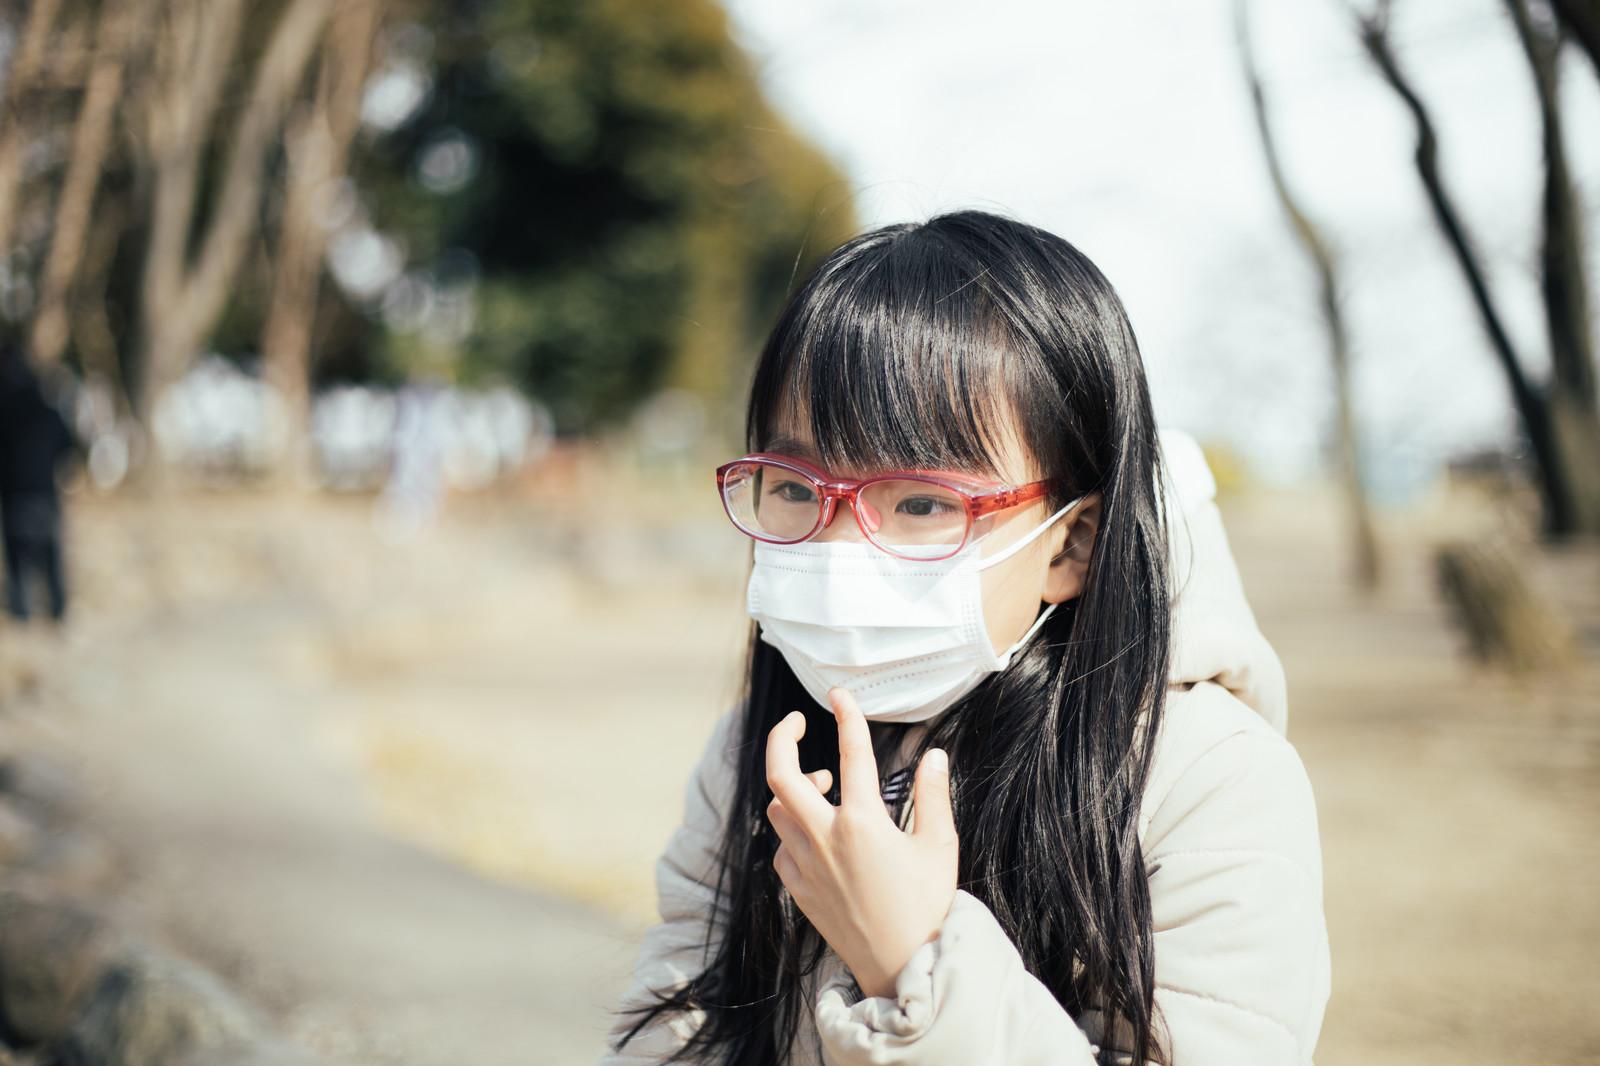 マスクで眼鏡(メガネ、めがね)を曇らないようにする道具要らずで手っ取り早くコスパ無料の方法(一時しのぎだが結構使える)